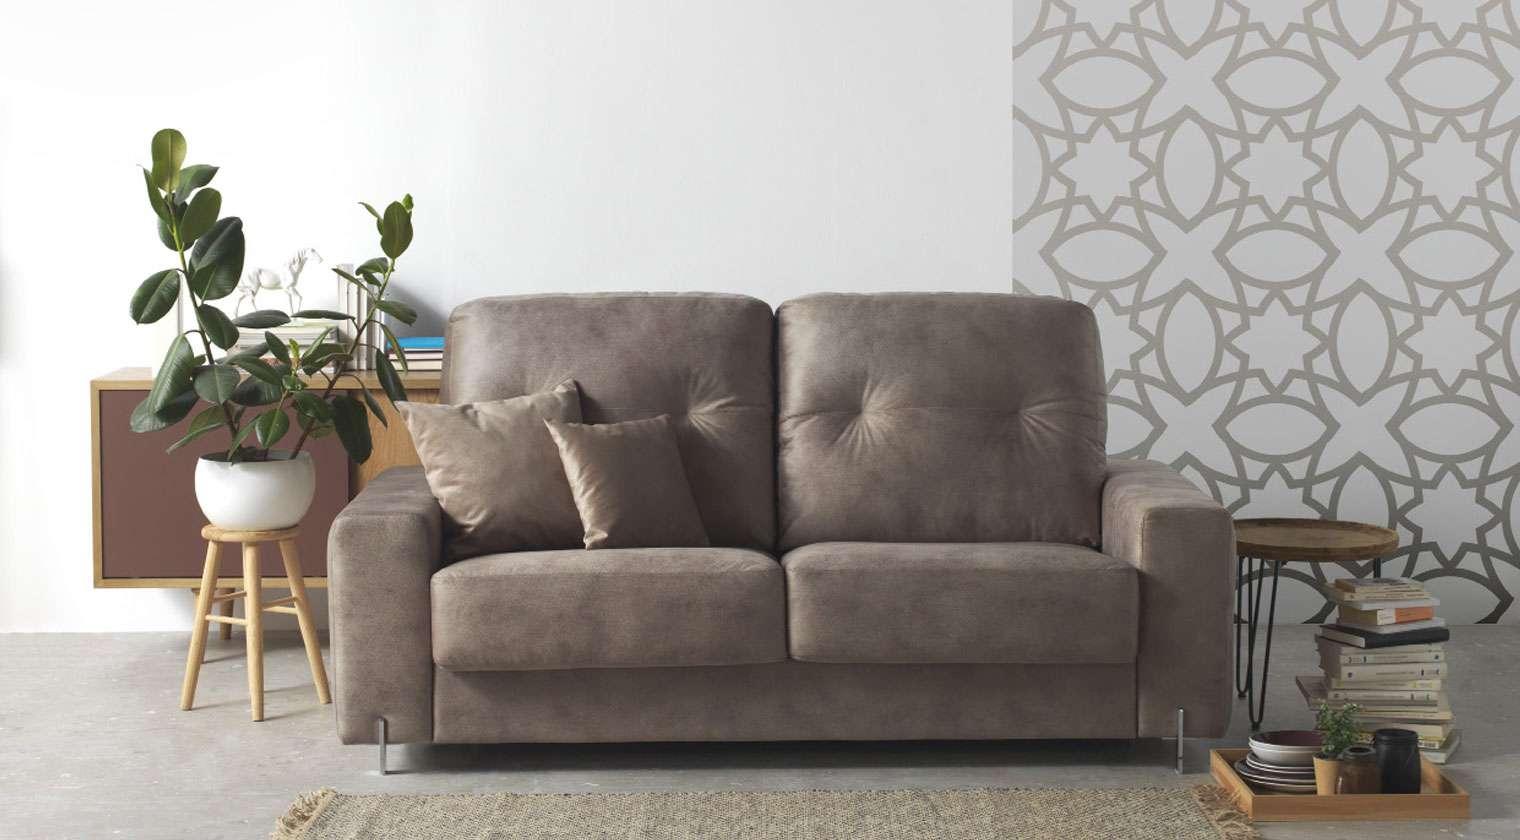 Sof cama sevilla sofas cama apertura italiana for Sofas baratos sevilla